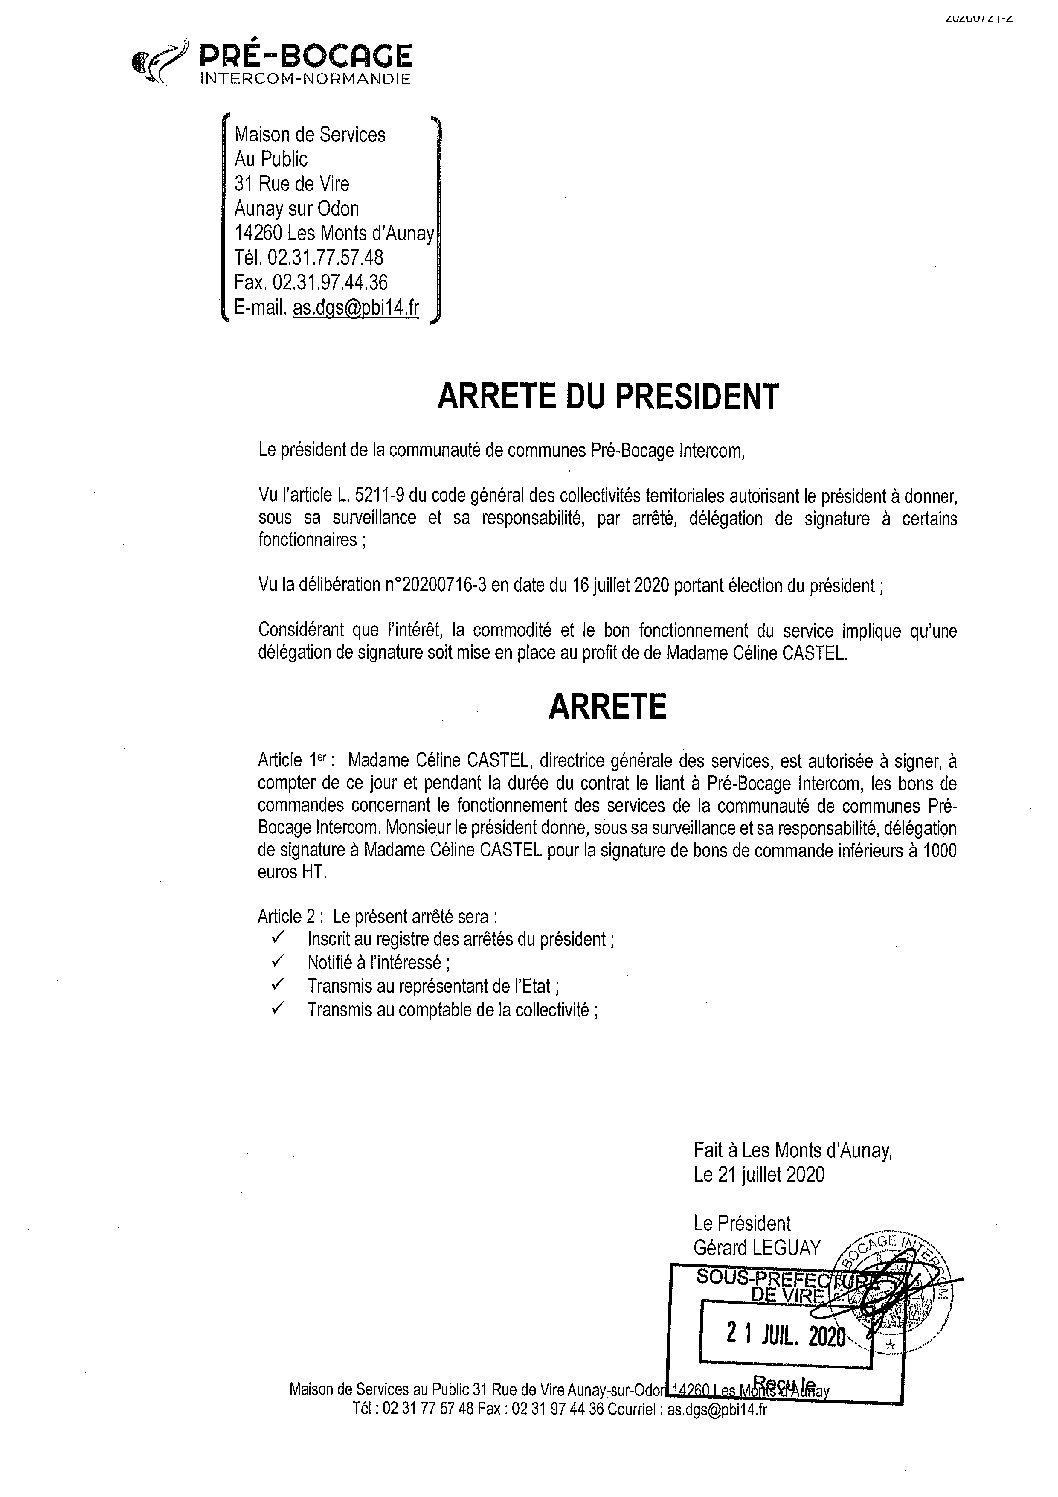 Décision déléguée du 21 juillet 2020